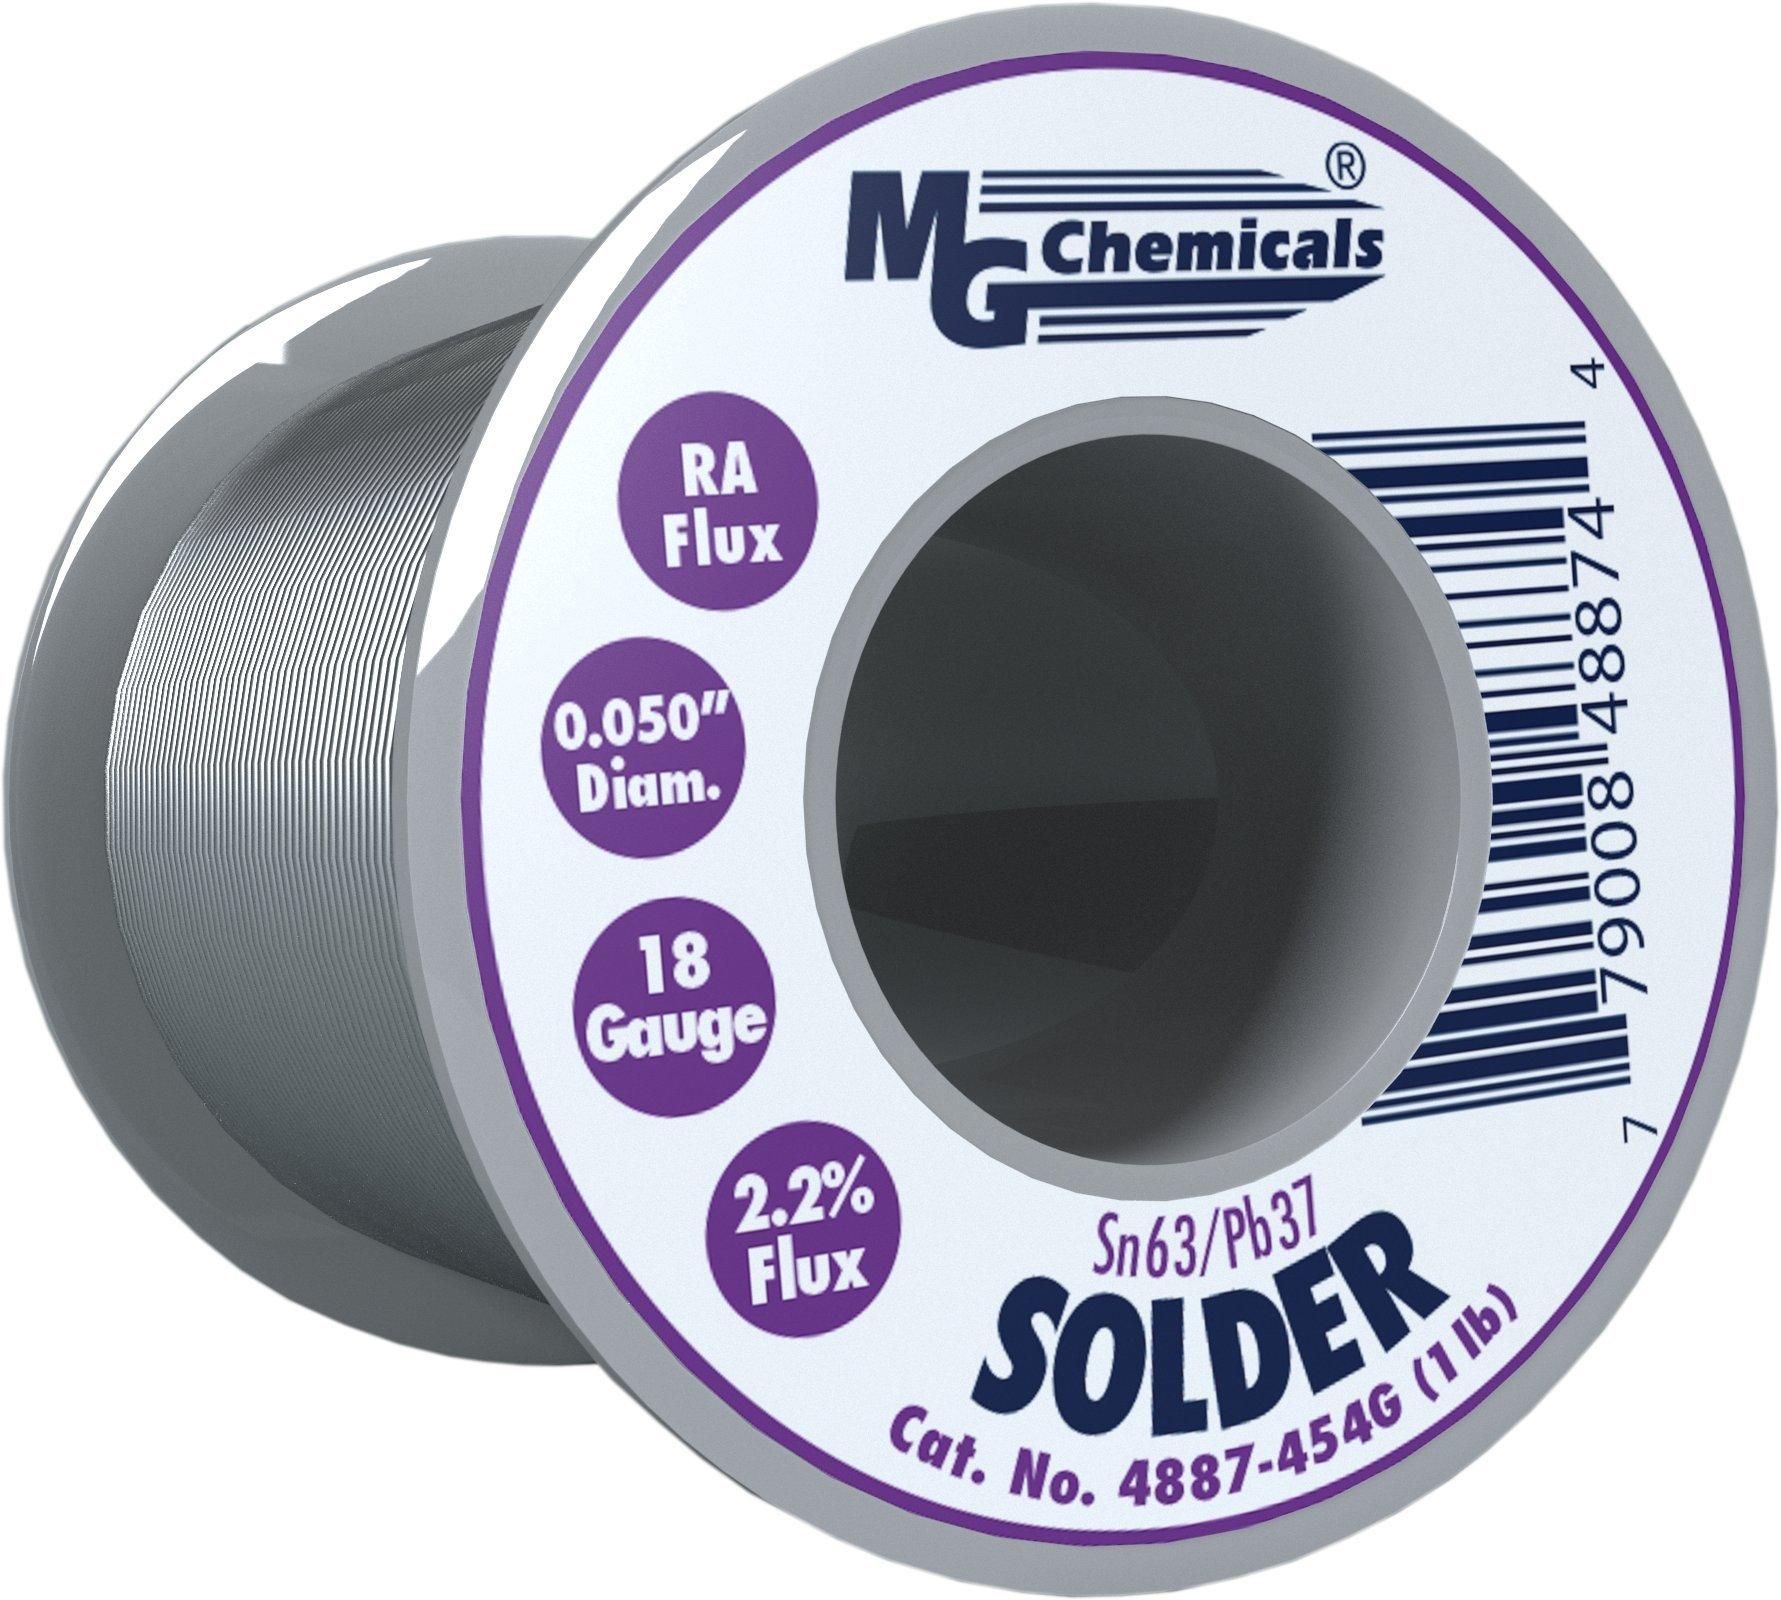 MG Chemicals 63/37 Rosin Core Leaded Solder, 0.05'' Diameter, 1 lb Spool